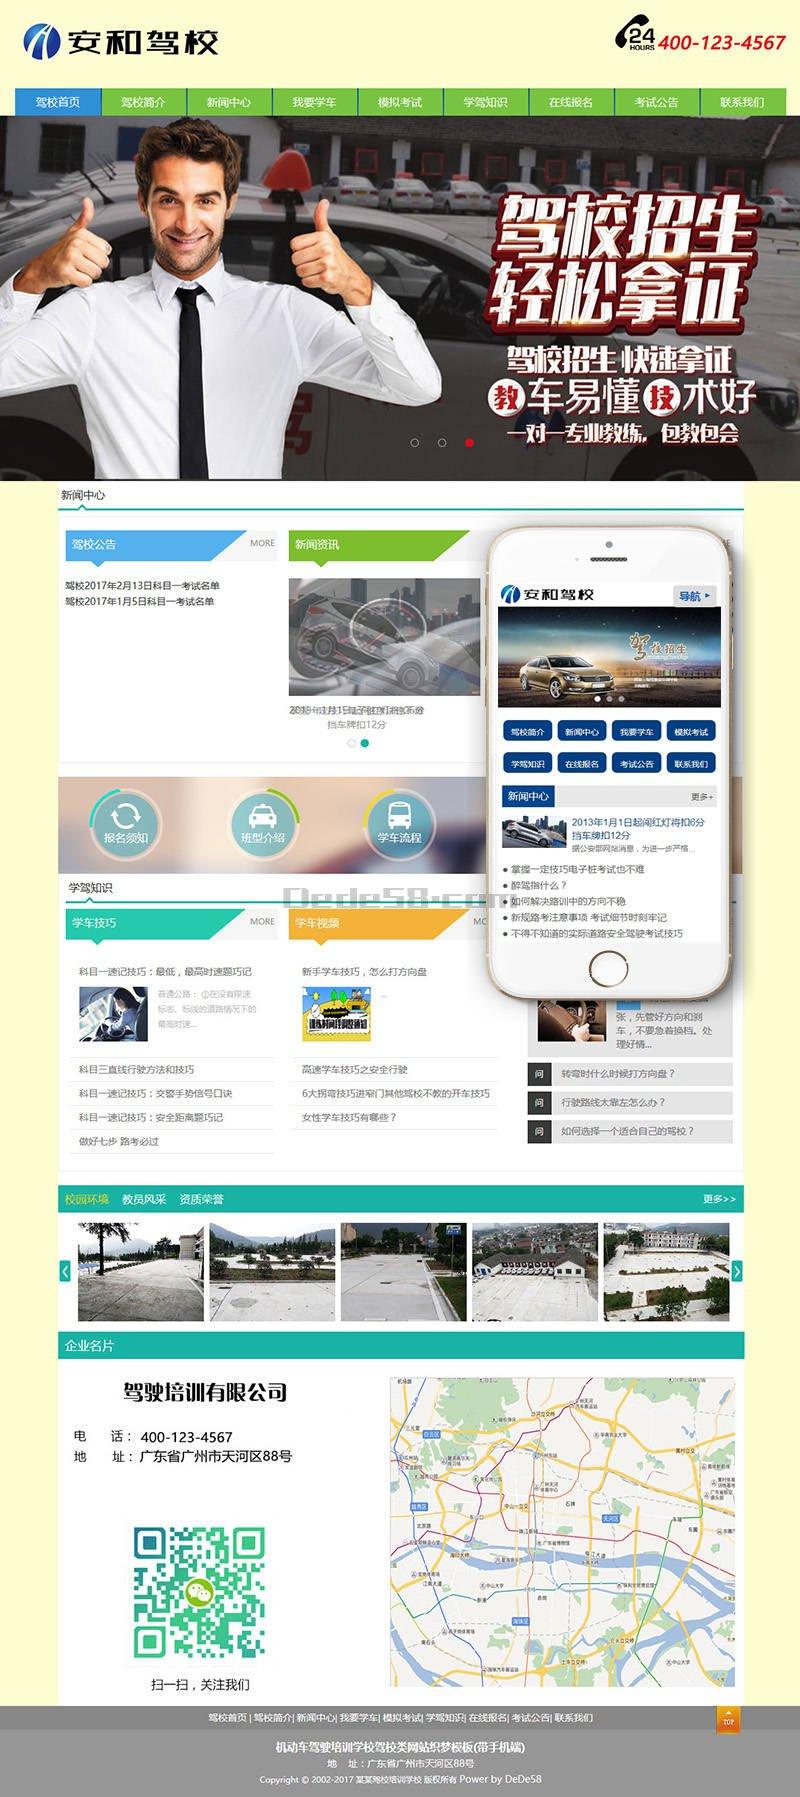 机动车驾驶培训学校驾校类网站织梦模板(带手机端)+PC+移动端+利于SEO优化